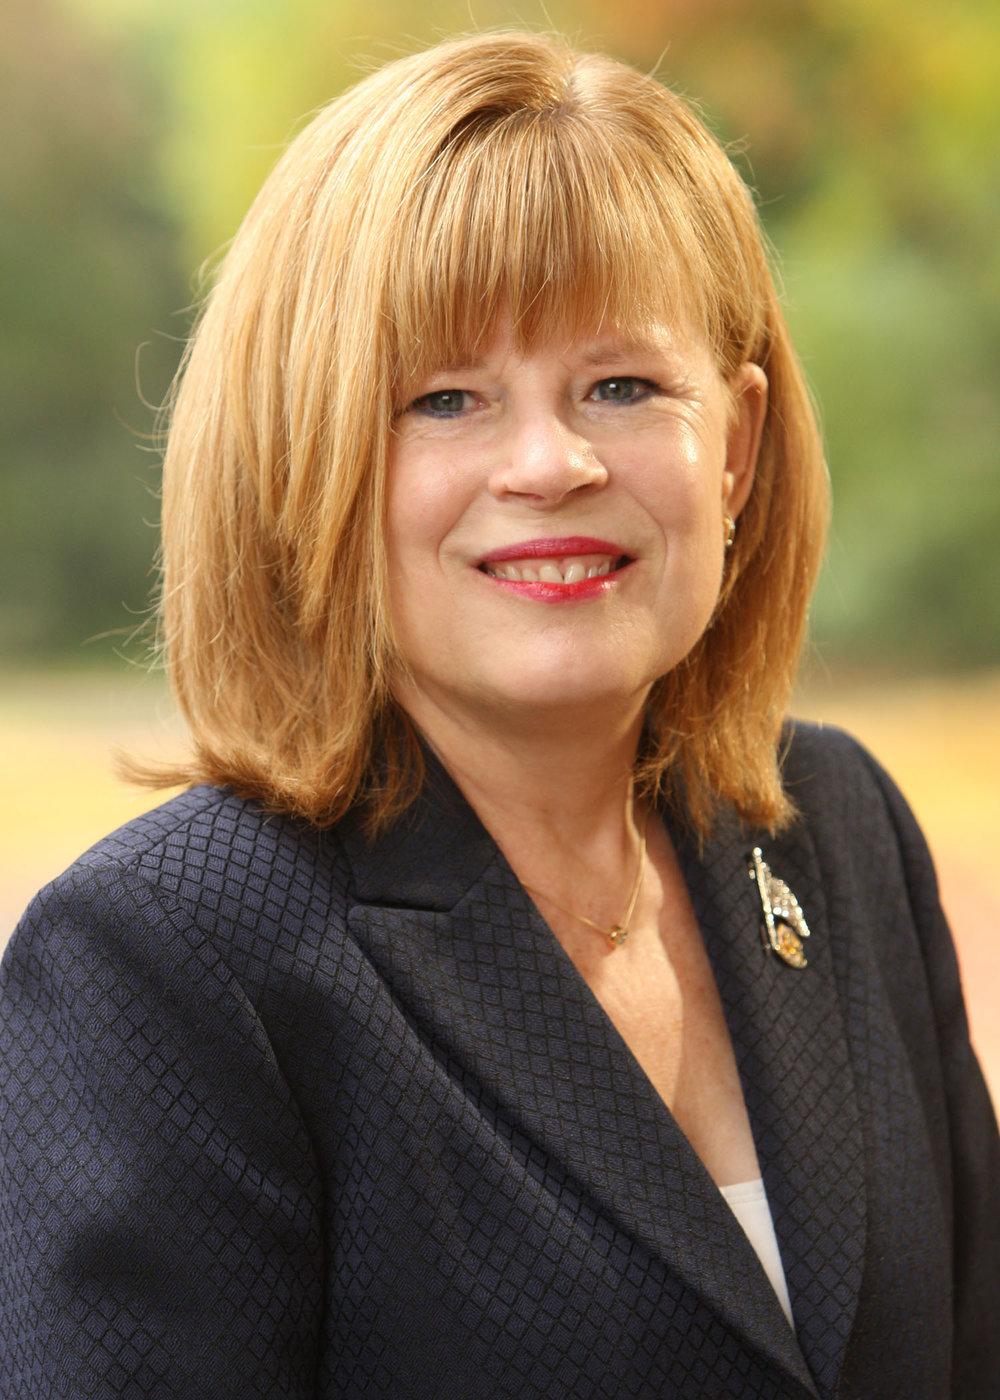 Asw. Nancy Pinkin